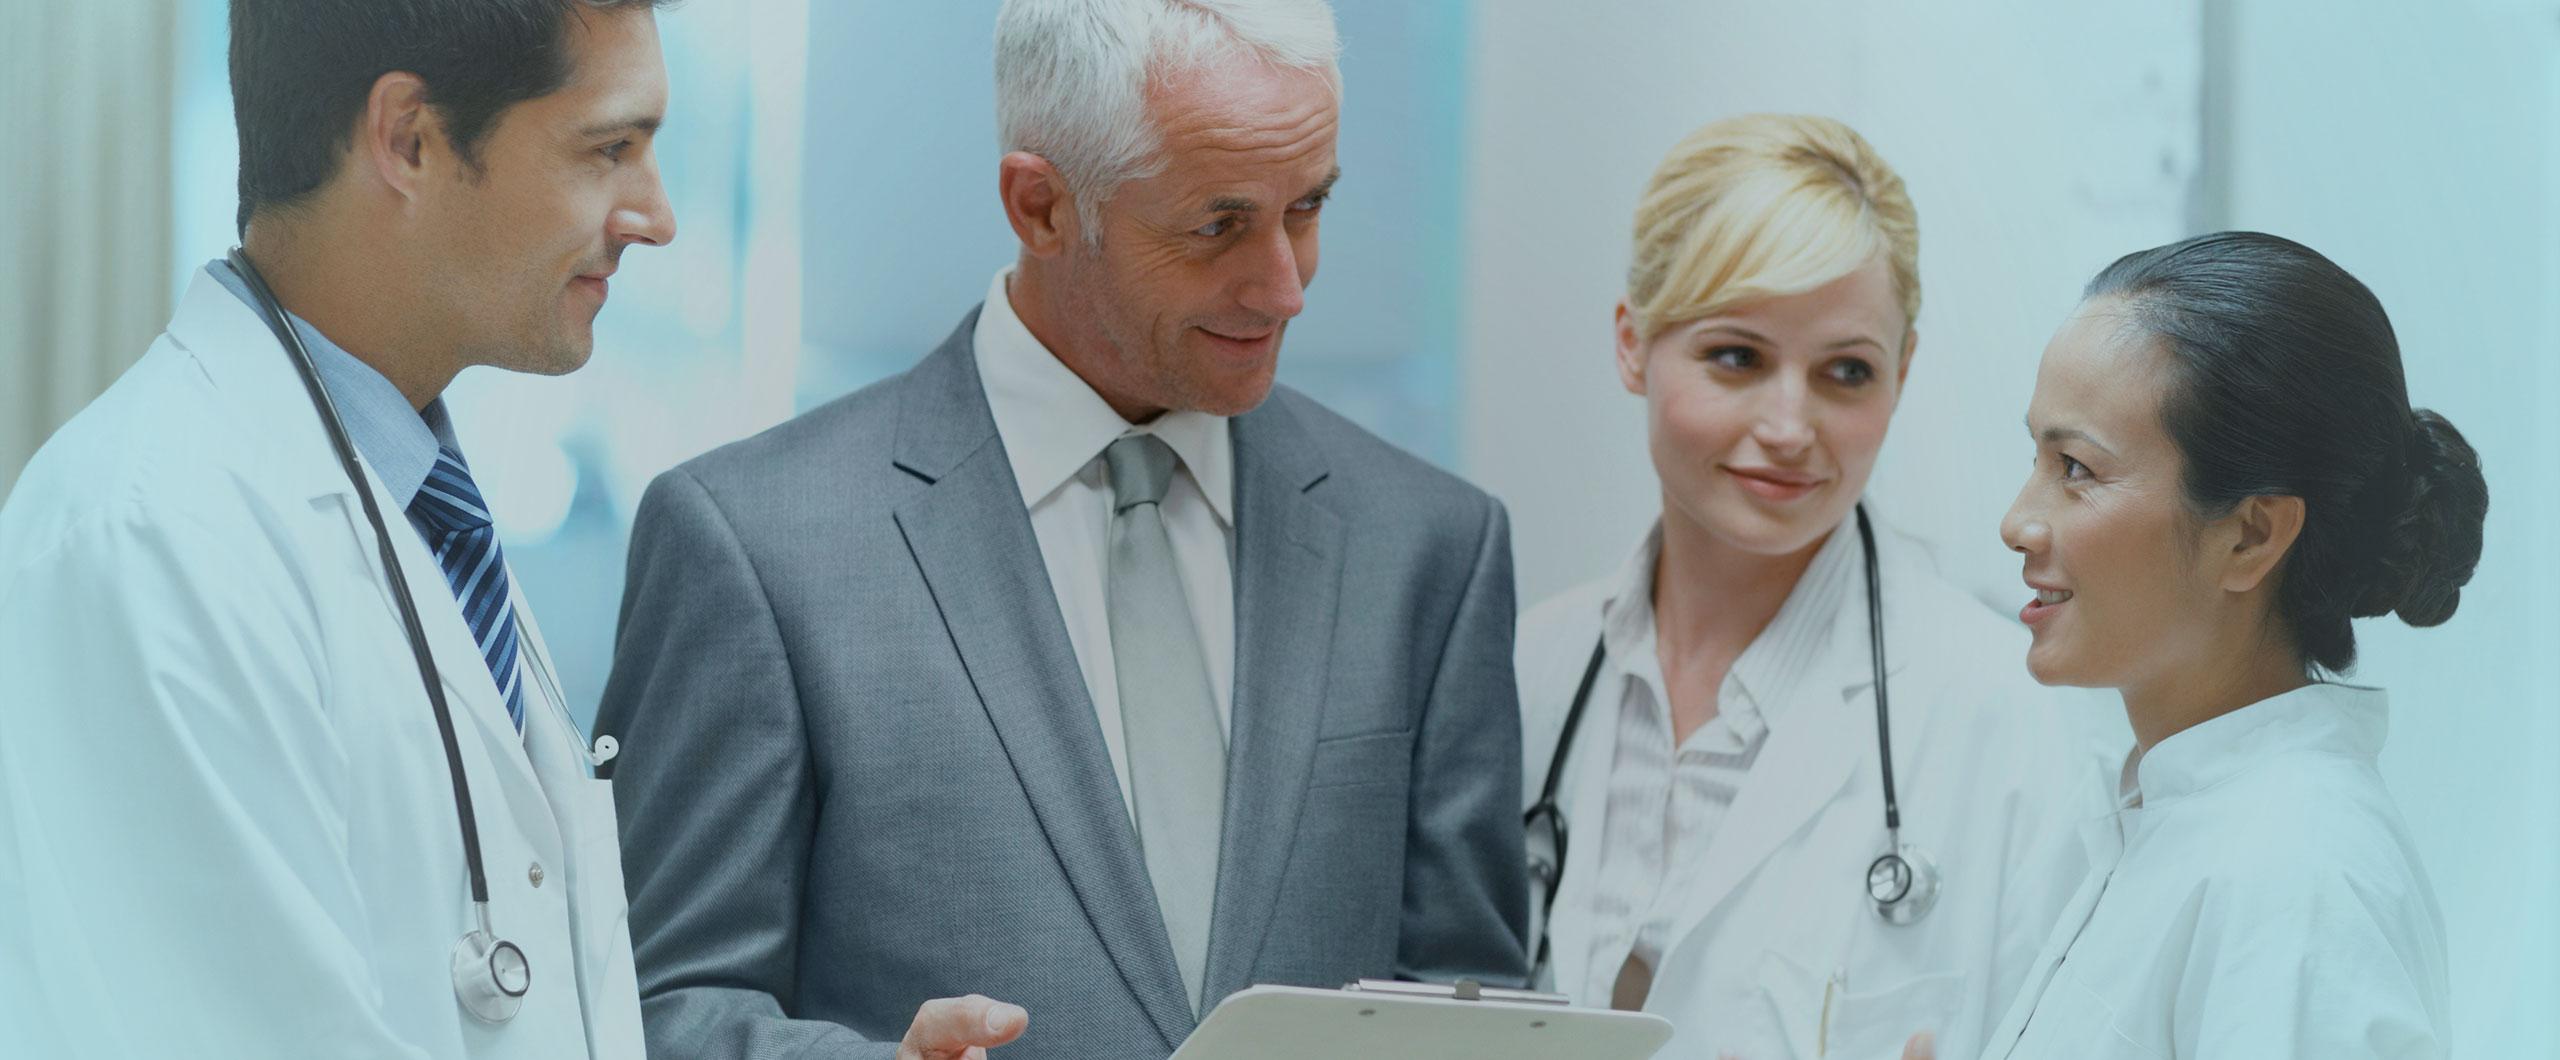 Профессиональная переподготовка по программе «Менеджмент в здравоохранении»